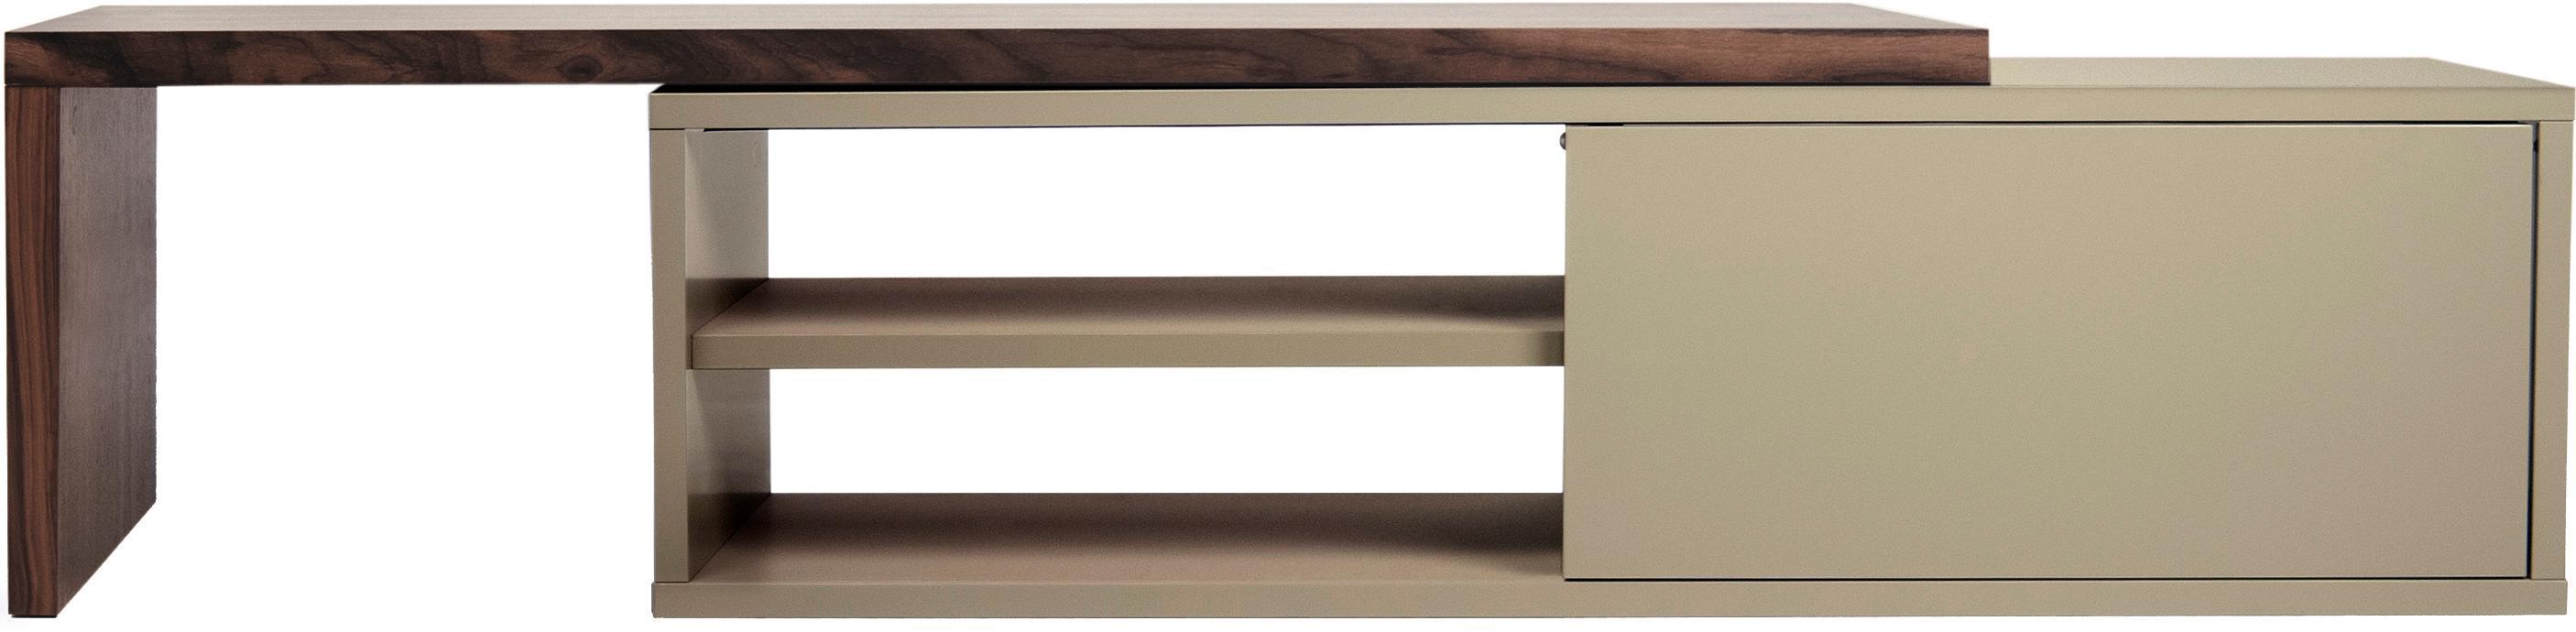 Ausziehbares TV-Lowboard Lieke mit Schiebetür, Auflageelement: Mitteldichte Holzfaserpla, Lowboard: Mitteldichte Holzfaserpla, Walnussholz, Grau, 110 x 32 cm